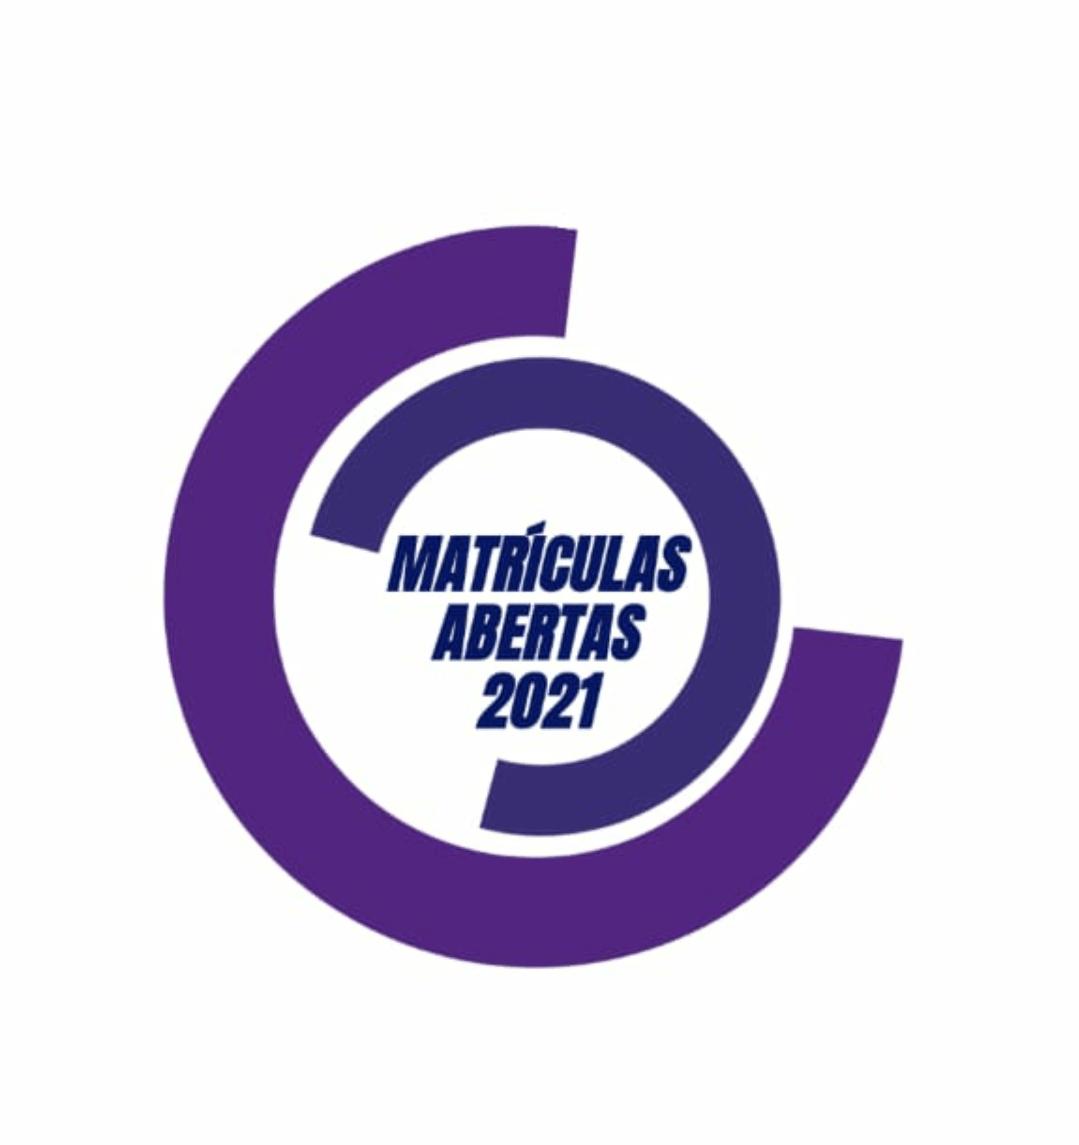 Matriculas Abertas 2021